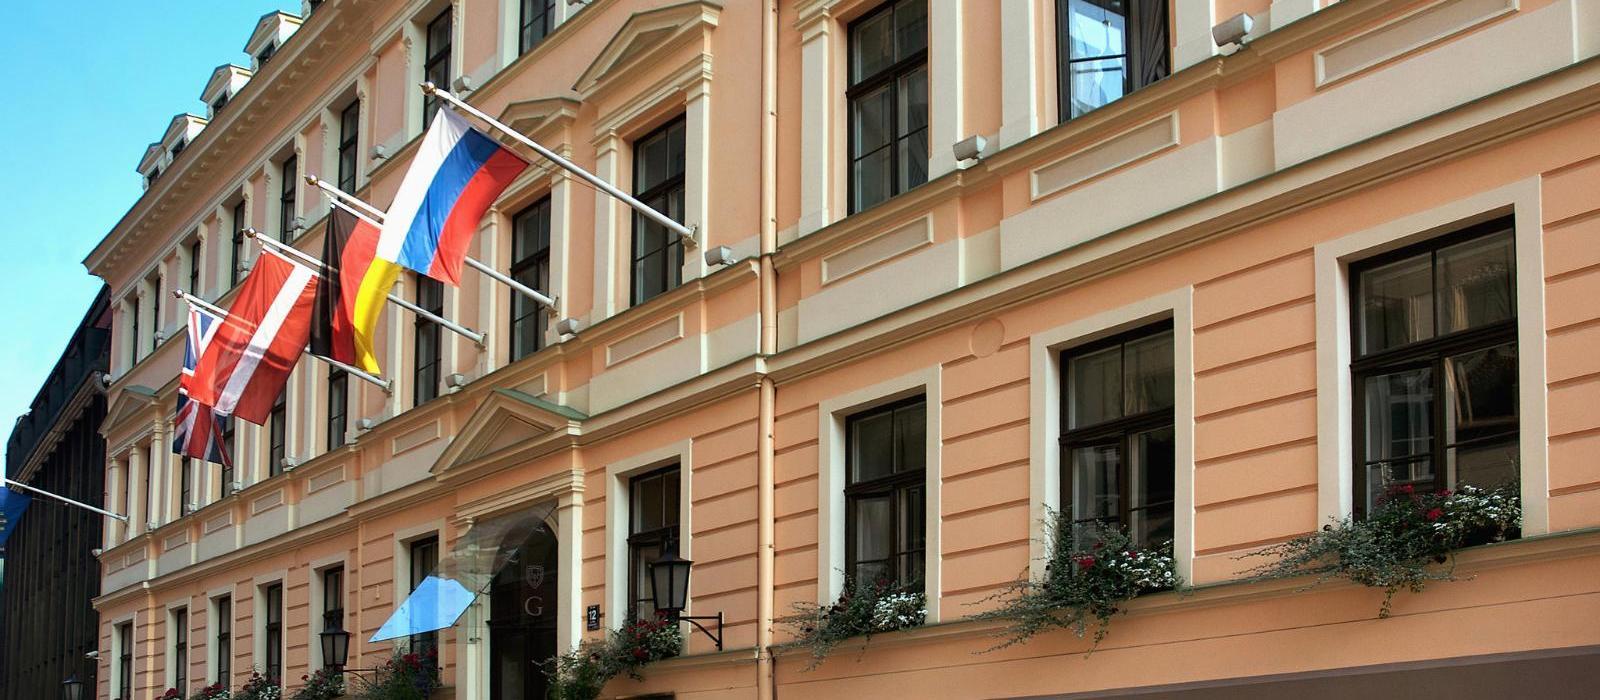 里加皇宫大酒店(Grand Palace Hotel) 图片  www.lhw.cn